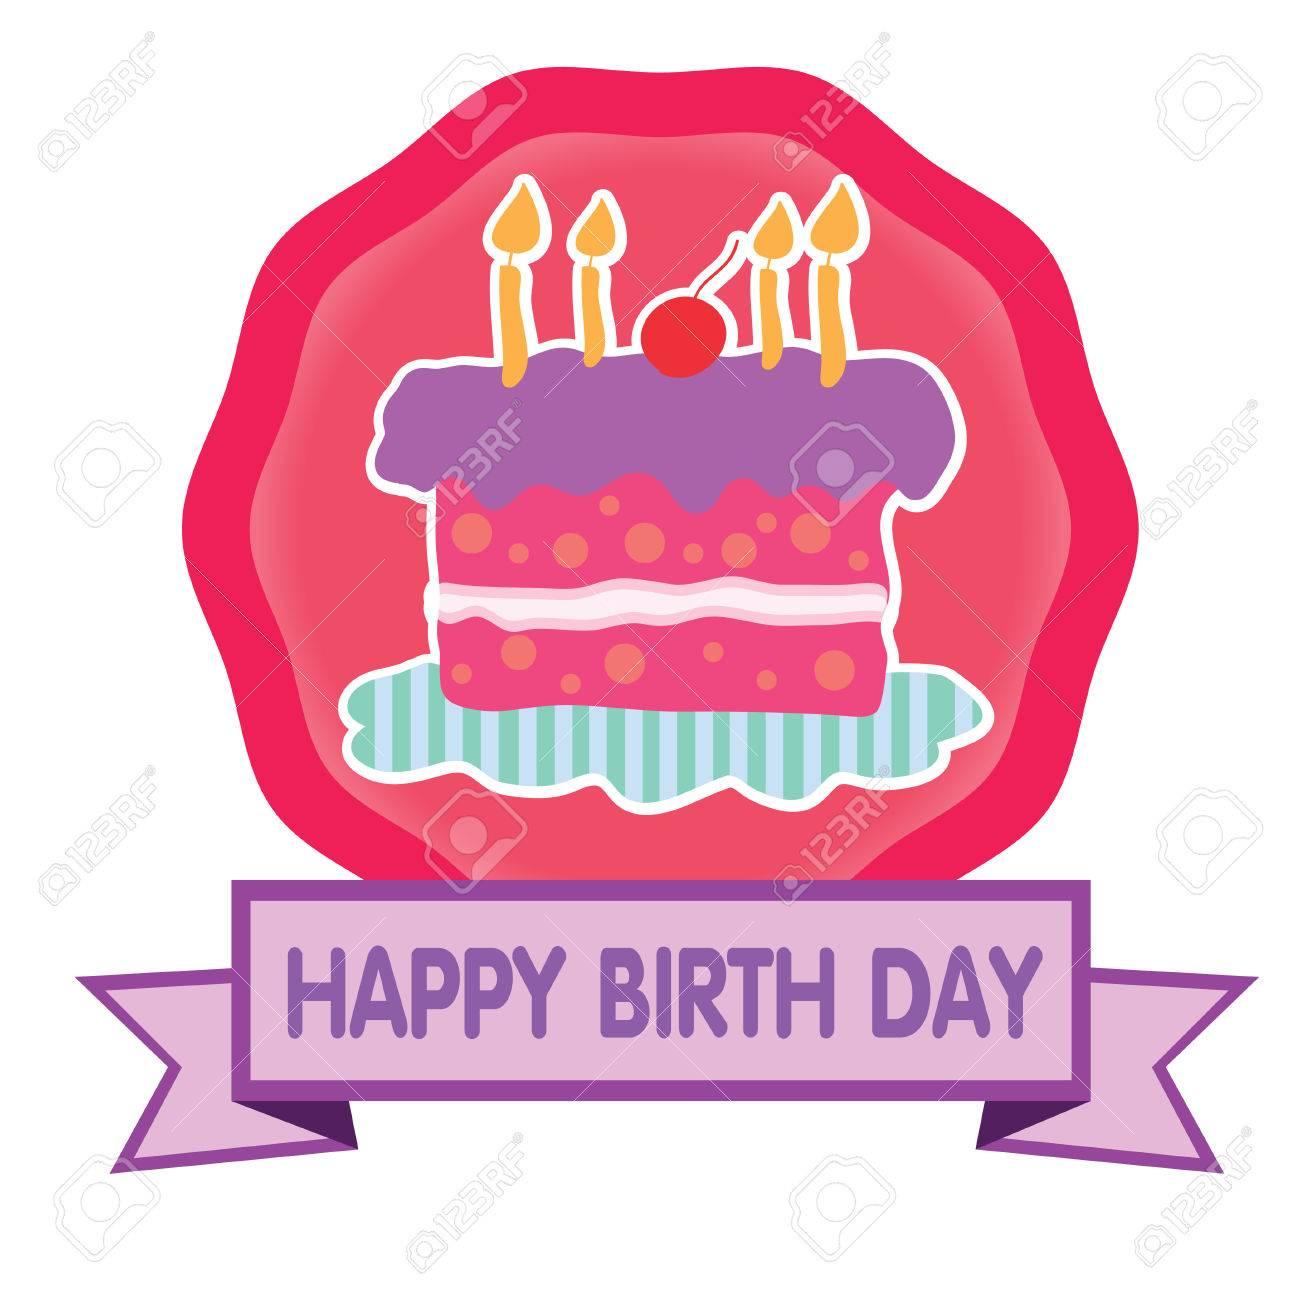 幸せな誕生日ケーキかわいいパステルのイラスト素材ベクタ Image